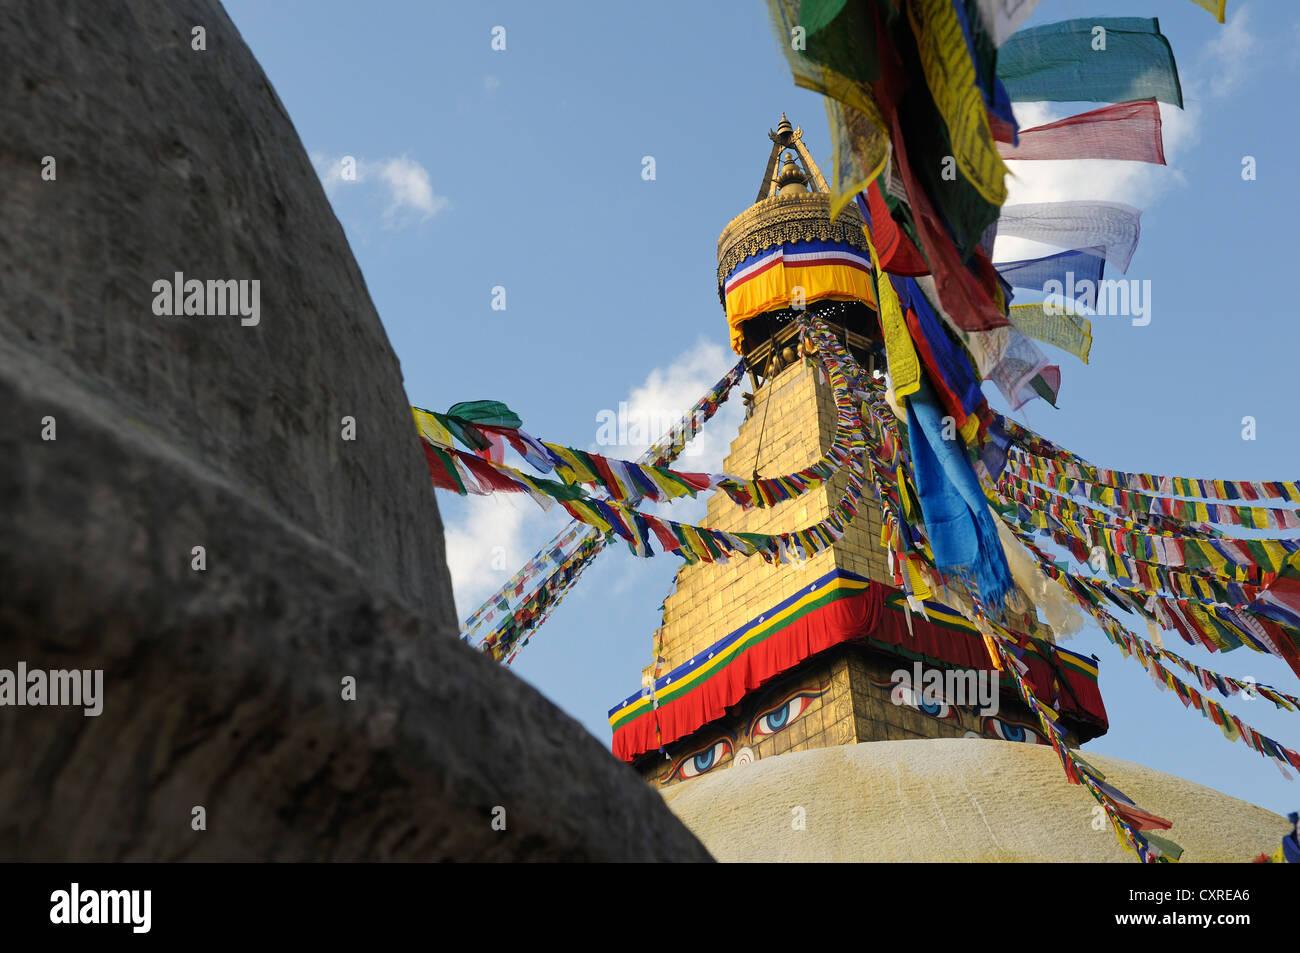 Bodnath stupa with prayer flags, Kathmandu, Kathmandu Valley, Nepal, Asia - Stock Image